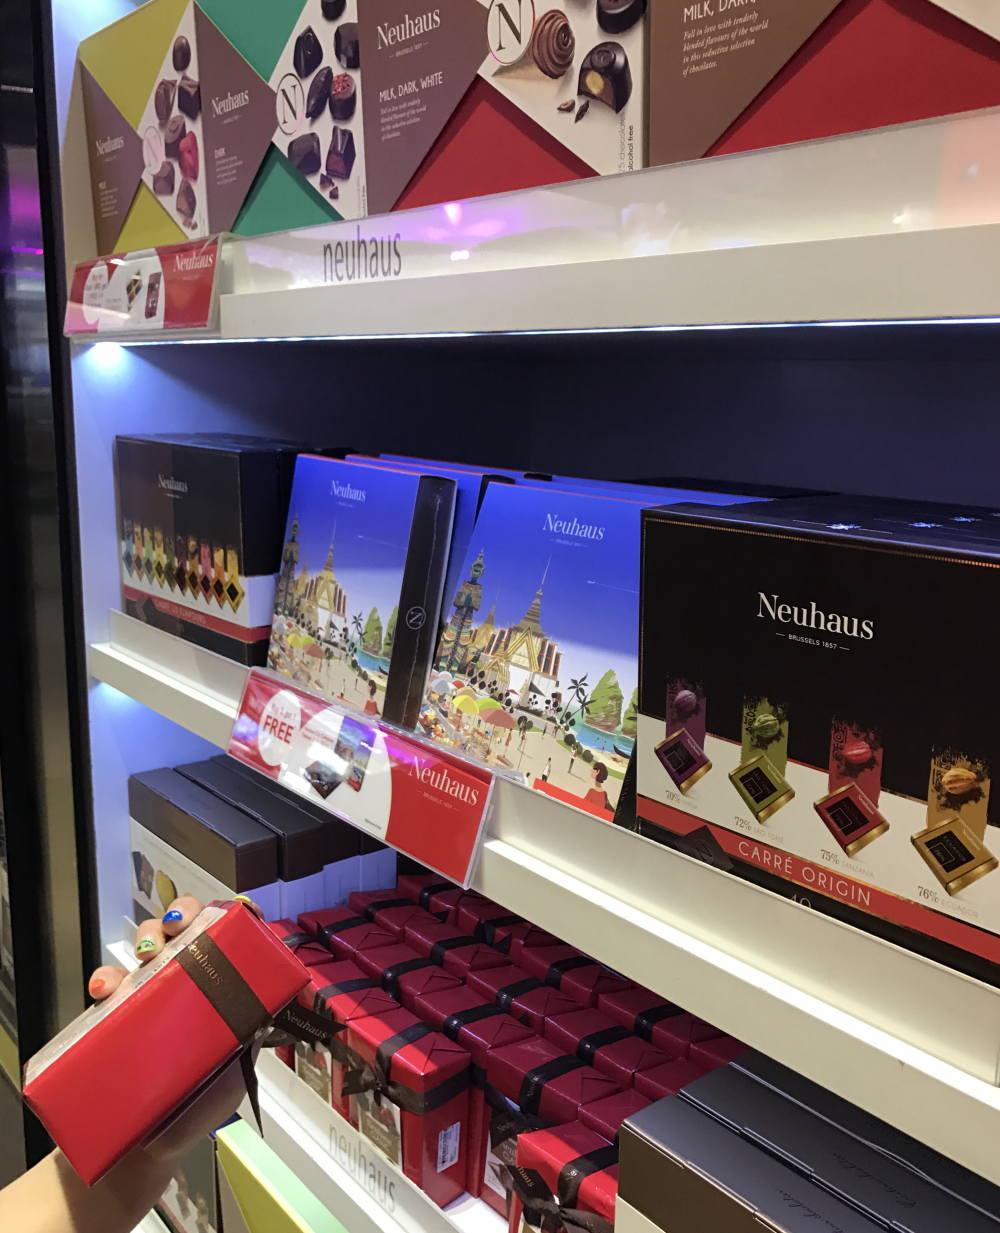 バンコク空港 チョコレート お土産 ノイハウス